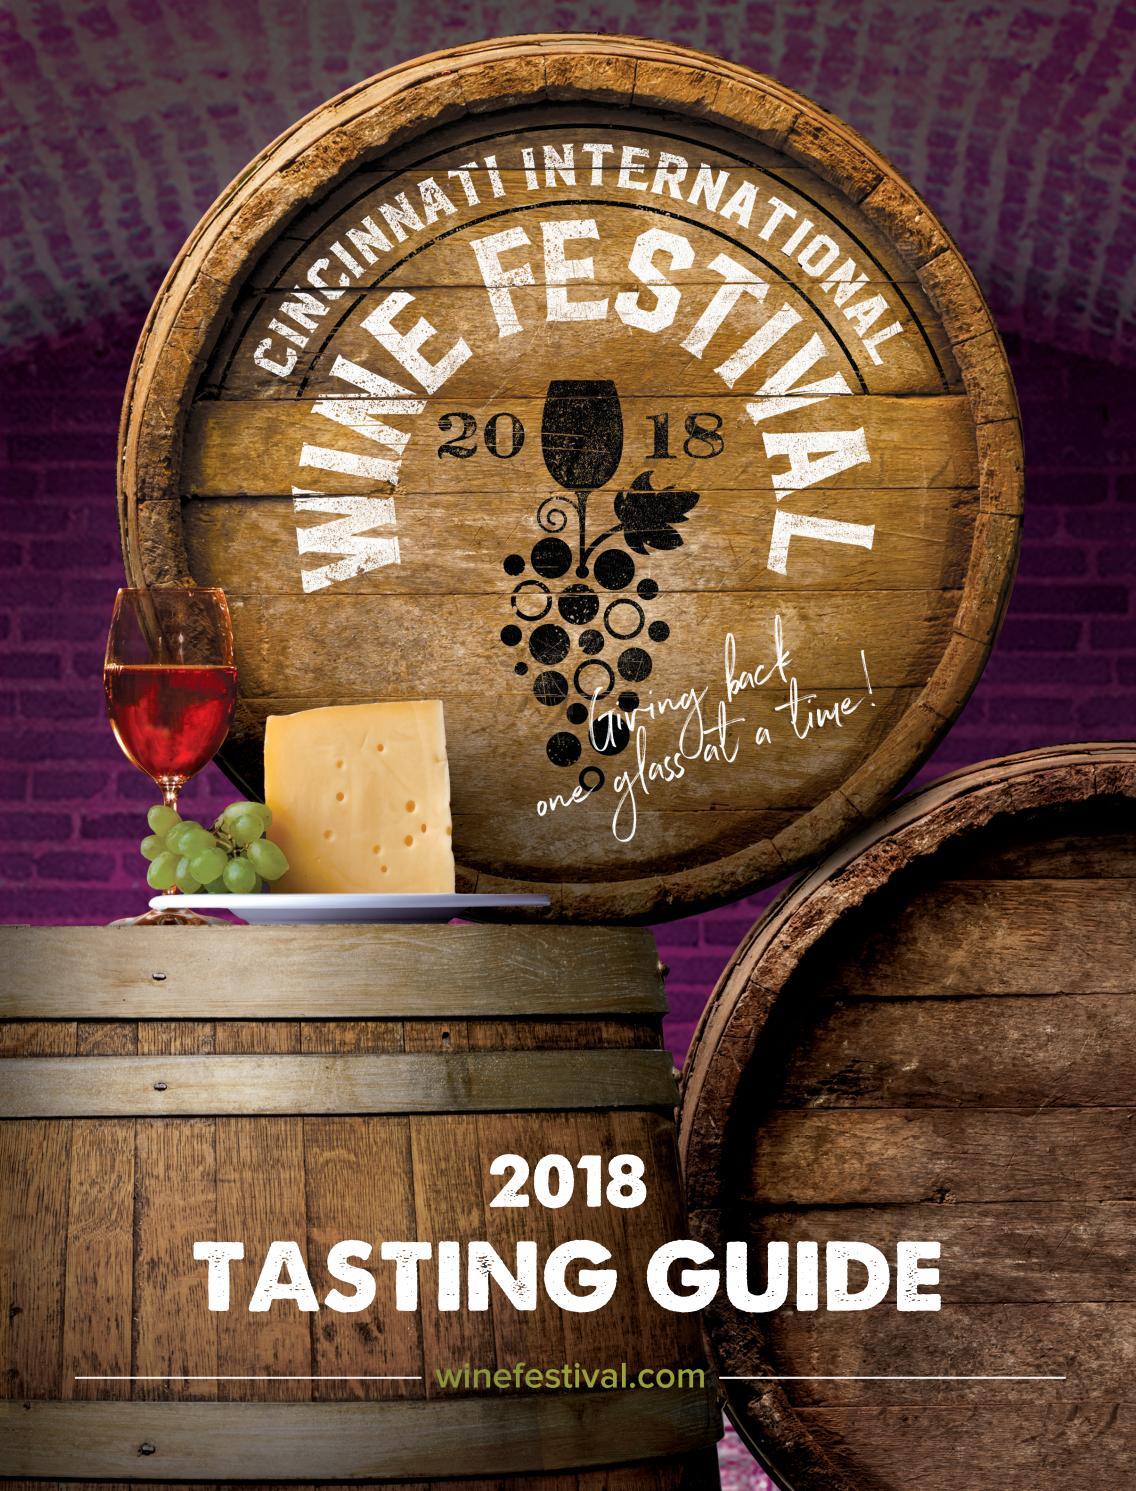 Cincinnati International Wine Festival Tasting Guide 2018 By Cincinnati Magazine Issuu